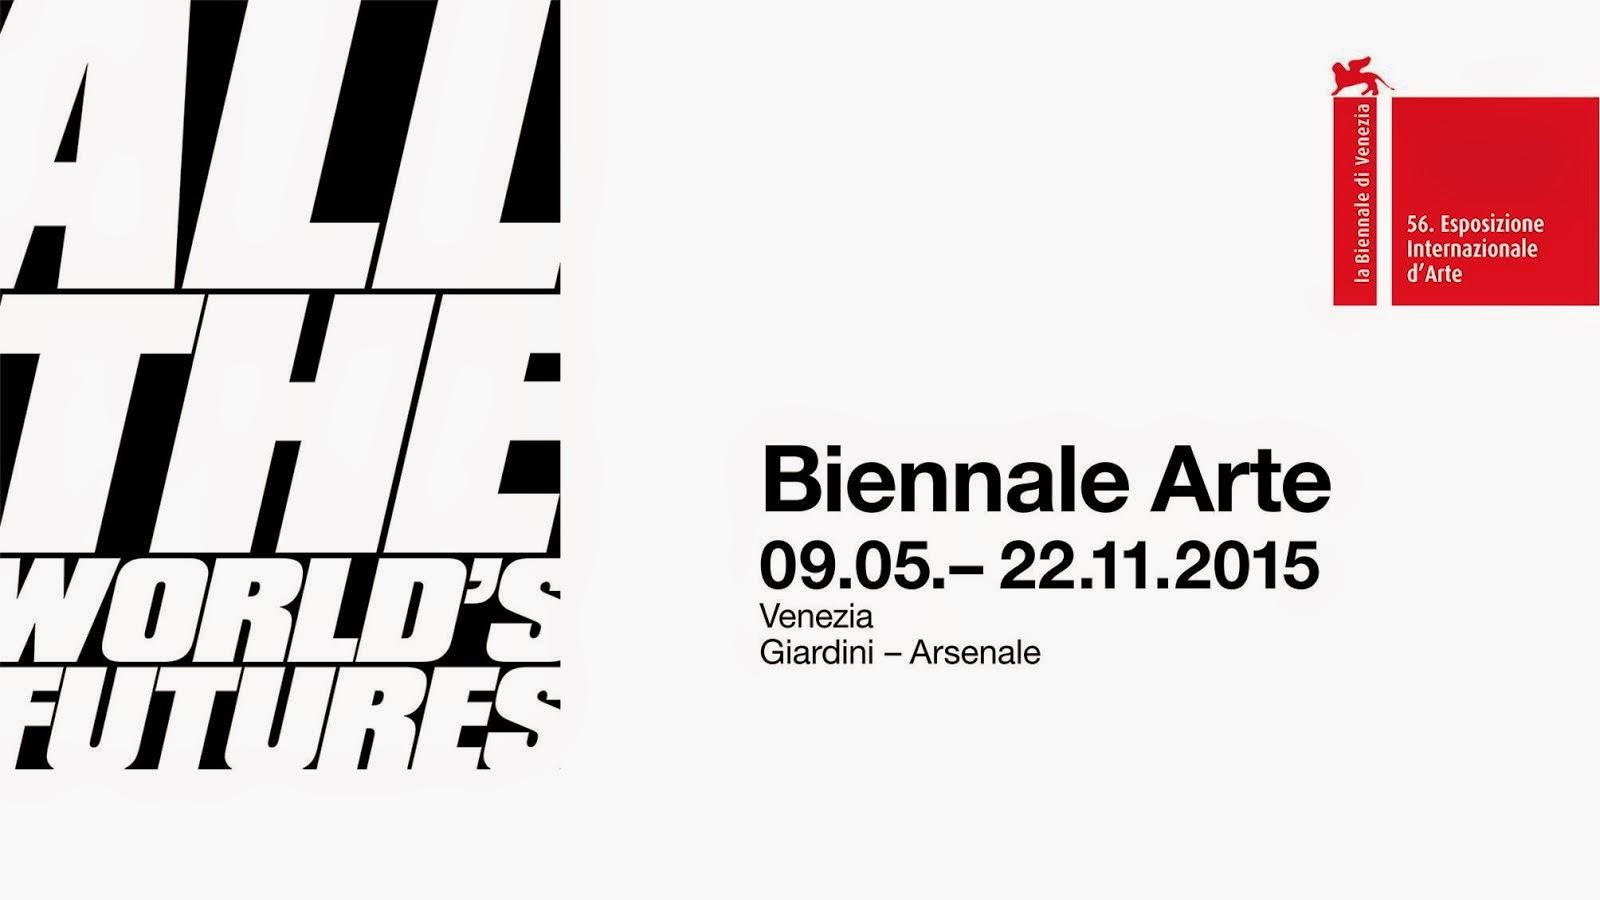 Venice Biennale Art 2015